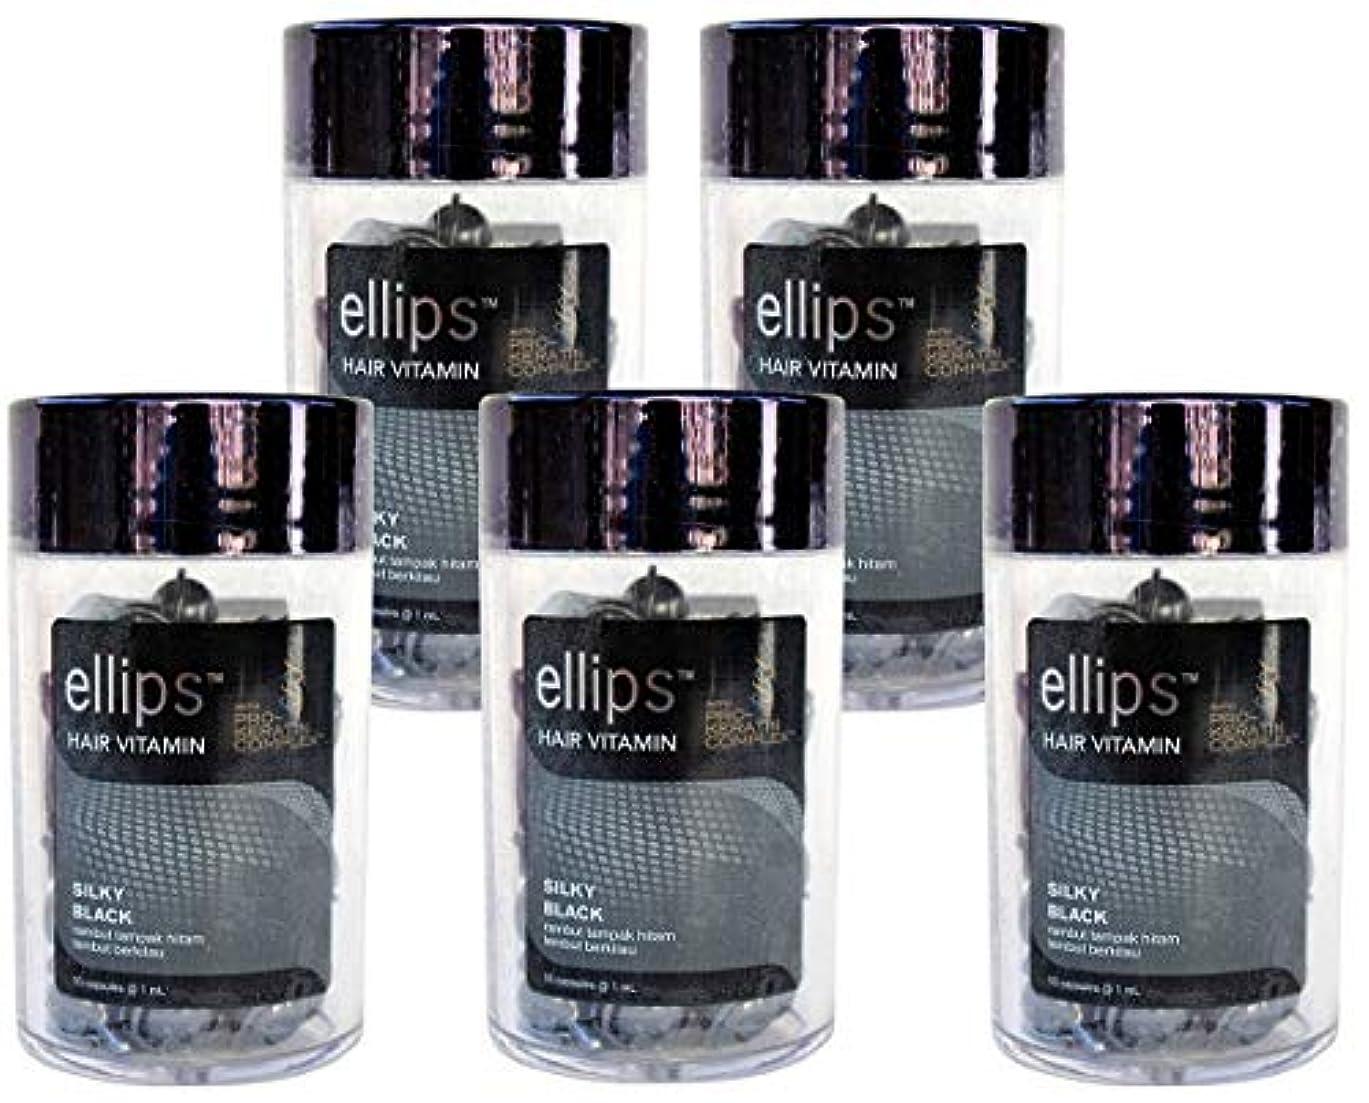 に変わる失うホップellips エリプス Hair Vitamin ヘア ビタミン Pro-Keratin Complex プロケラチン配合 SILKY BLACK ブラック ボトル(50粒入) × 5本 セット [並行輸入品][海外直送品]